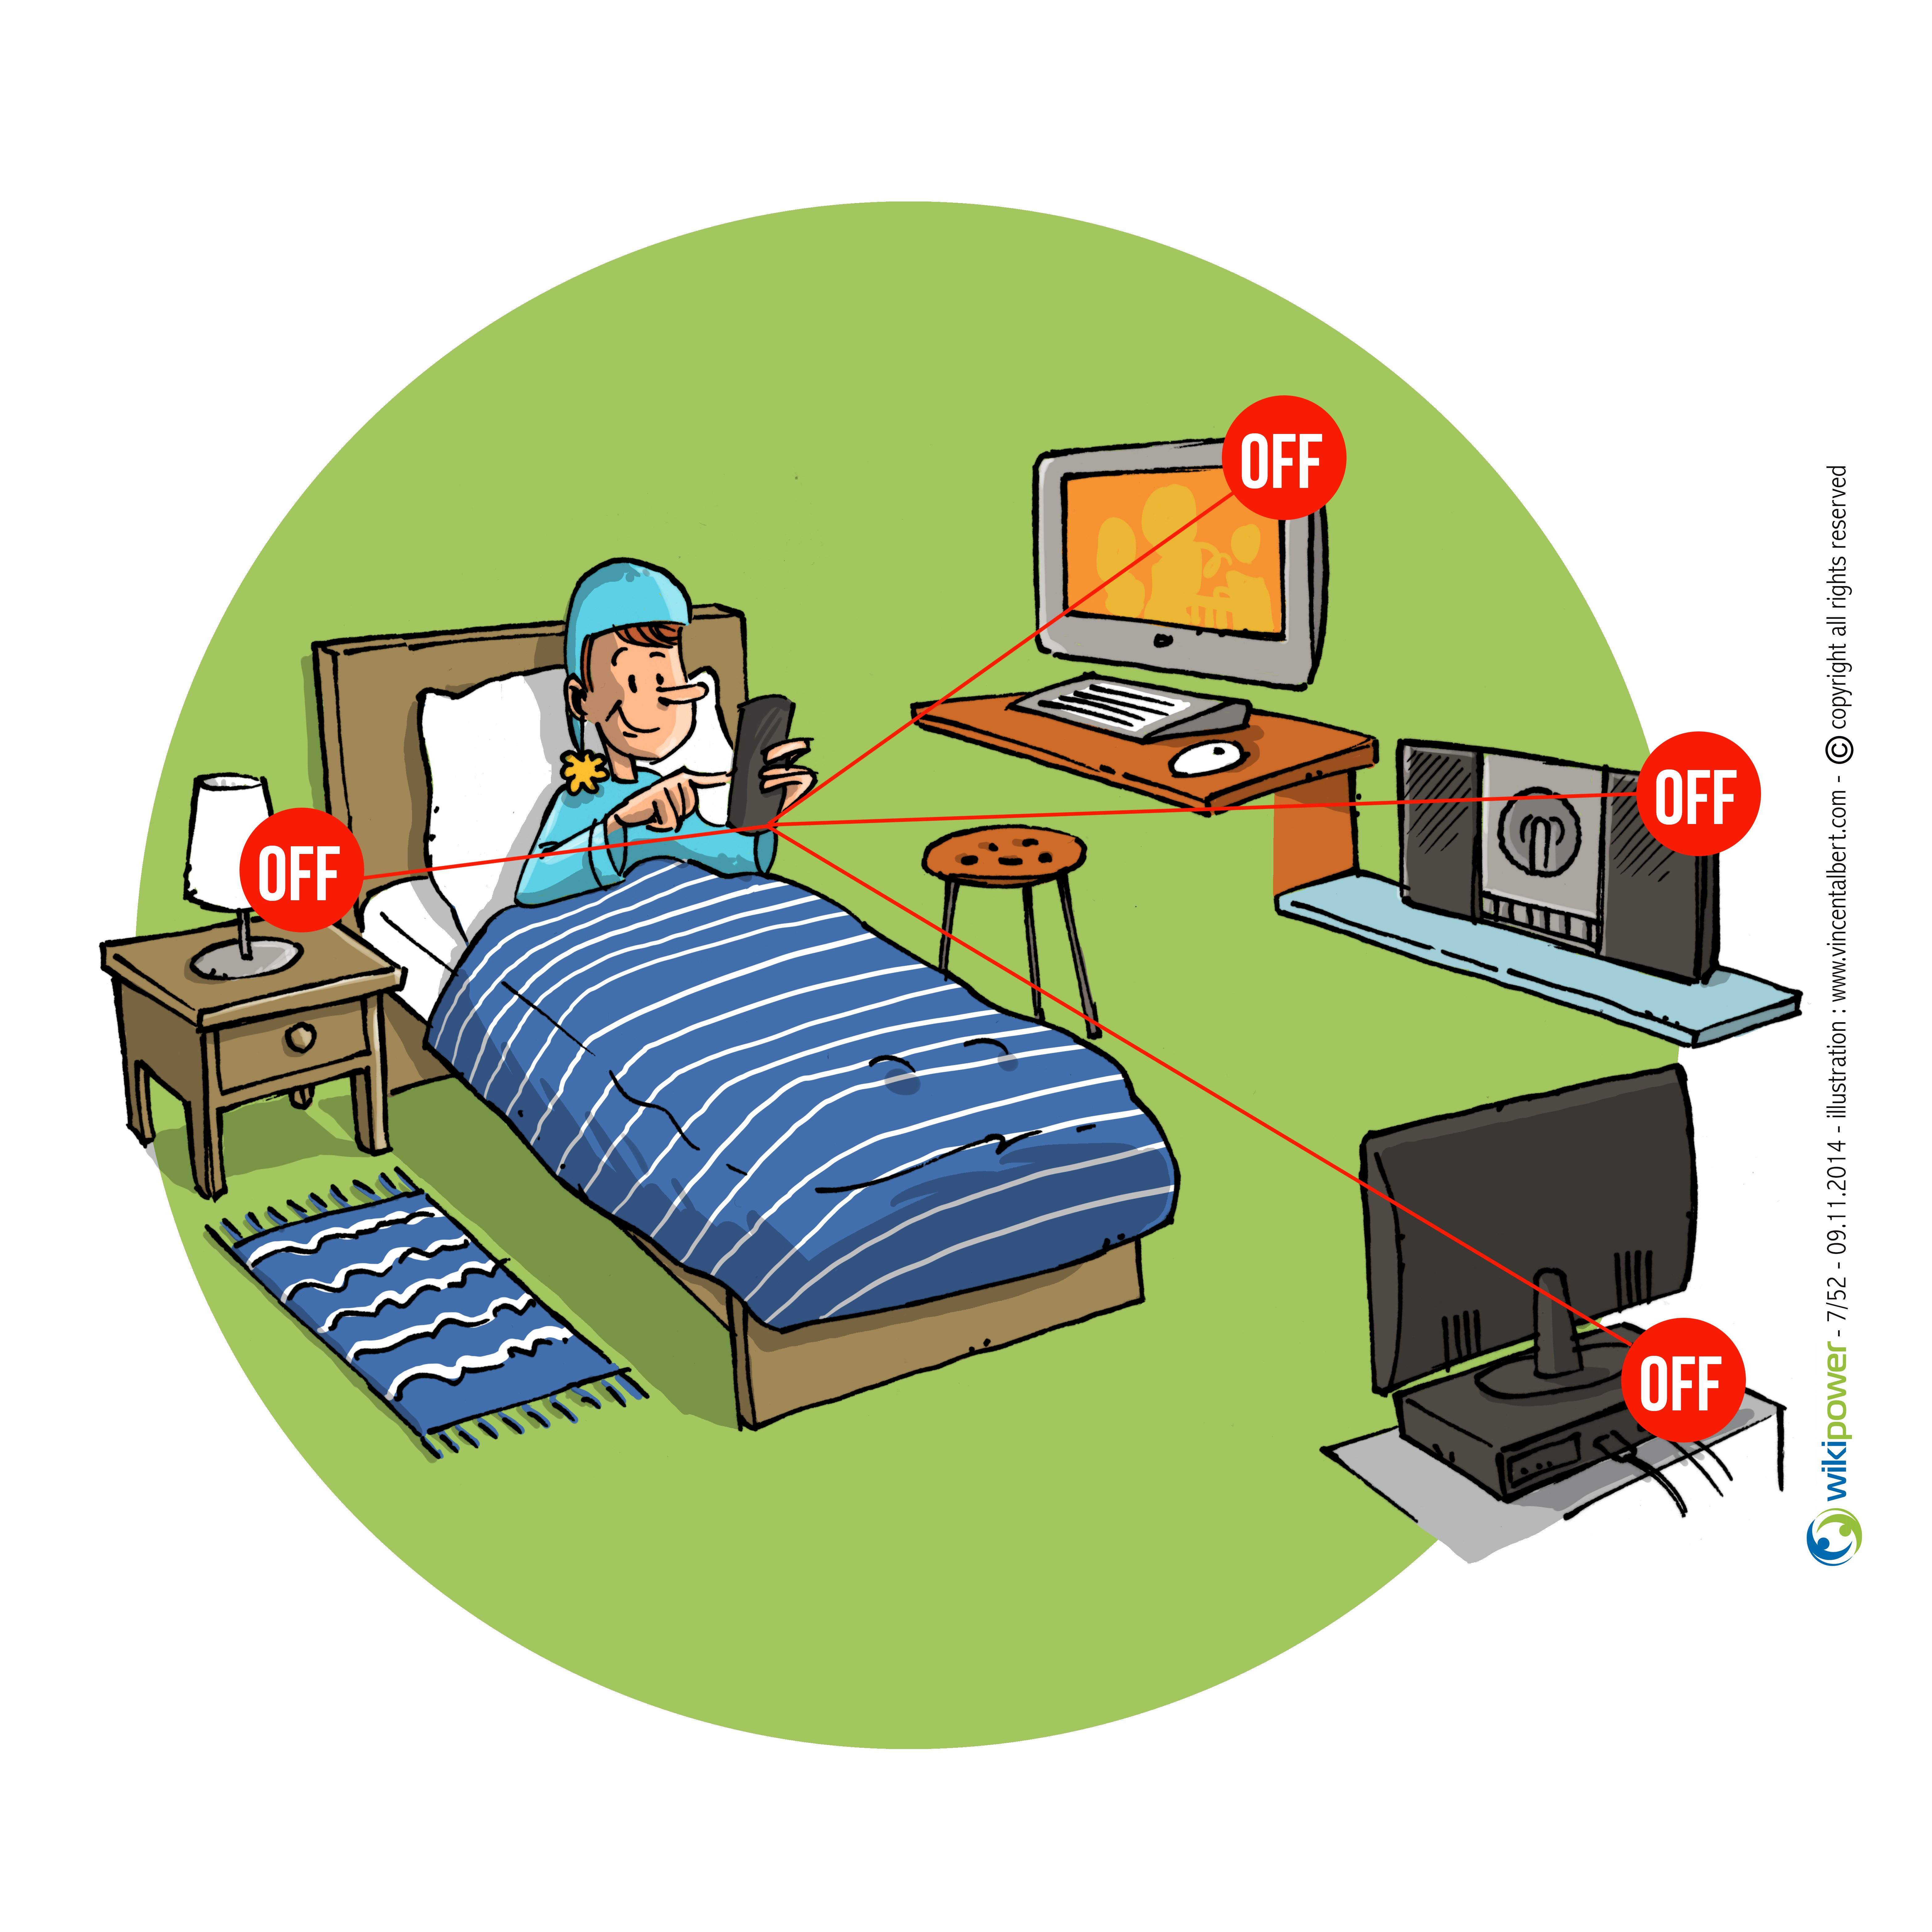 Conseil énergie dessin - Éteignez complètement vos appareils